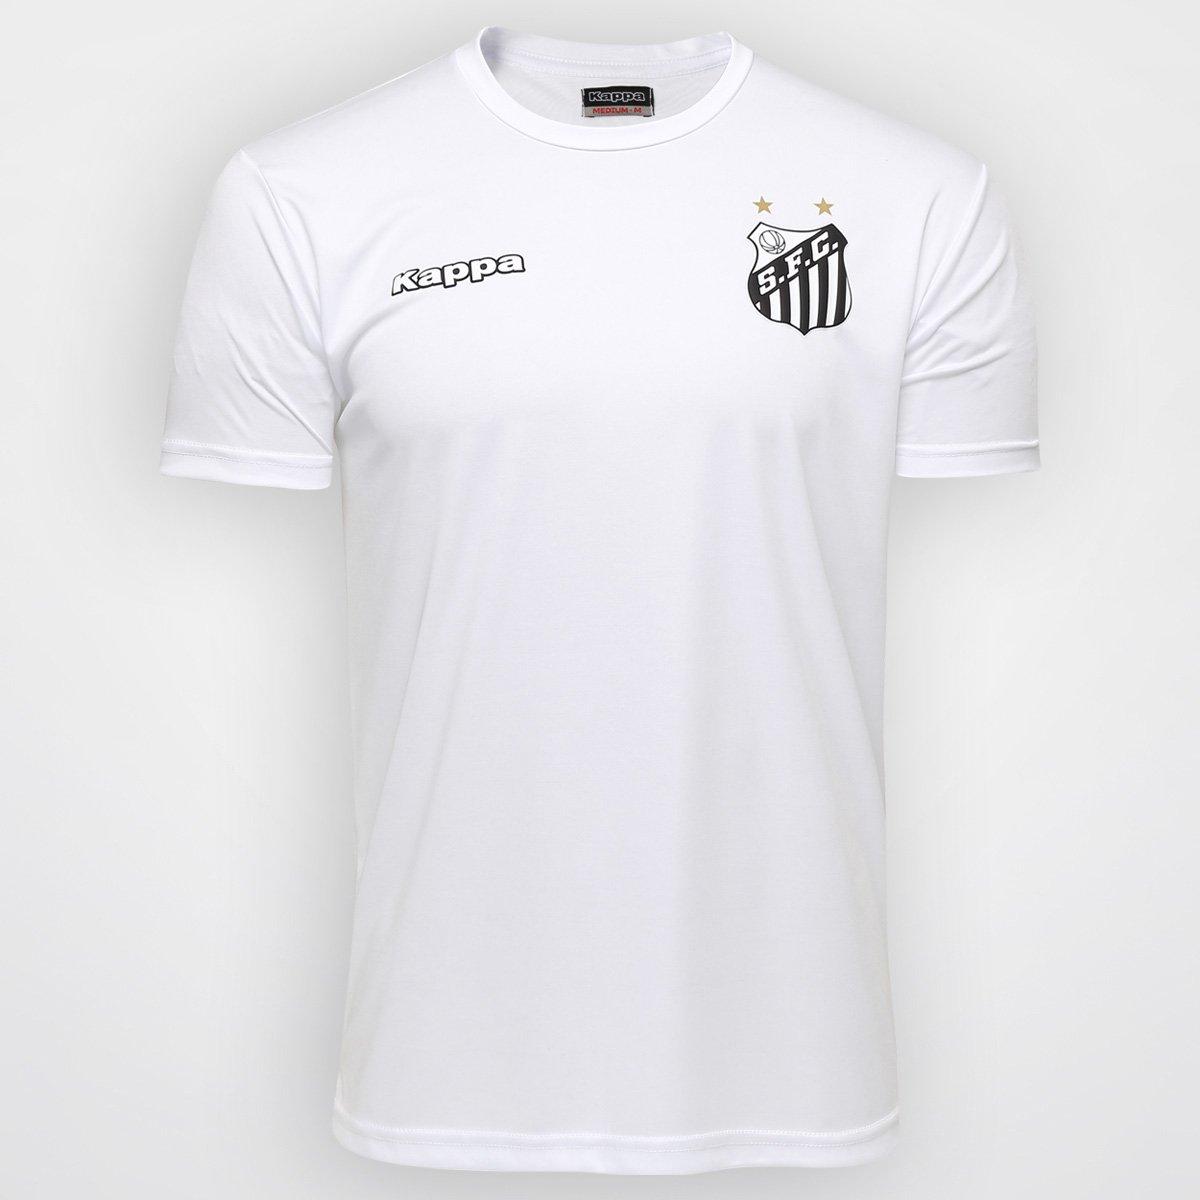 ef452f245d Camiseta Kappa Santos Bow 2016 - Compre Agora